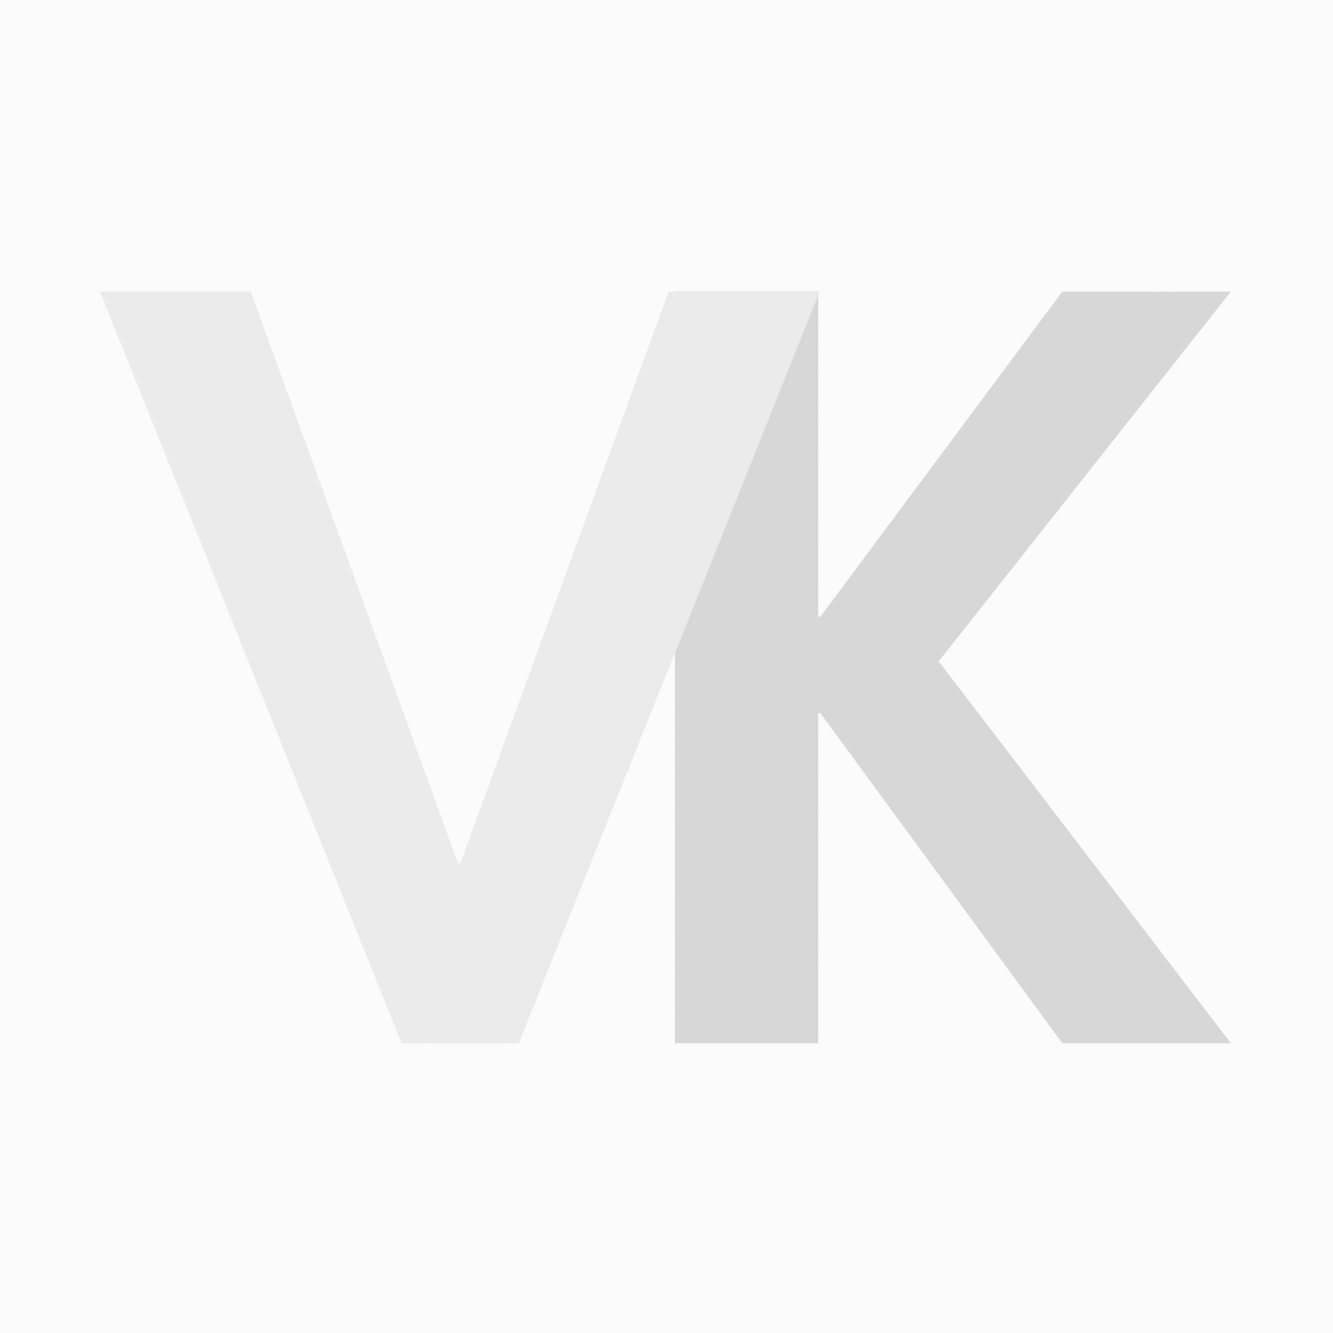 Sibel Kaplaken Boa Zwart met drukknopen 145x160cm